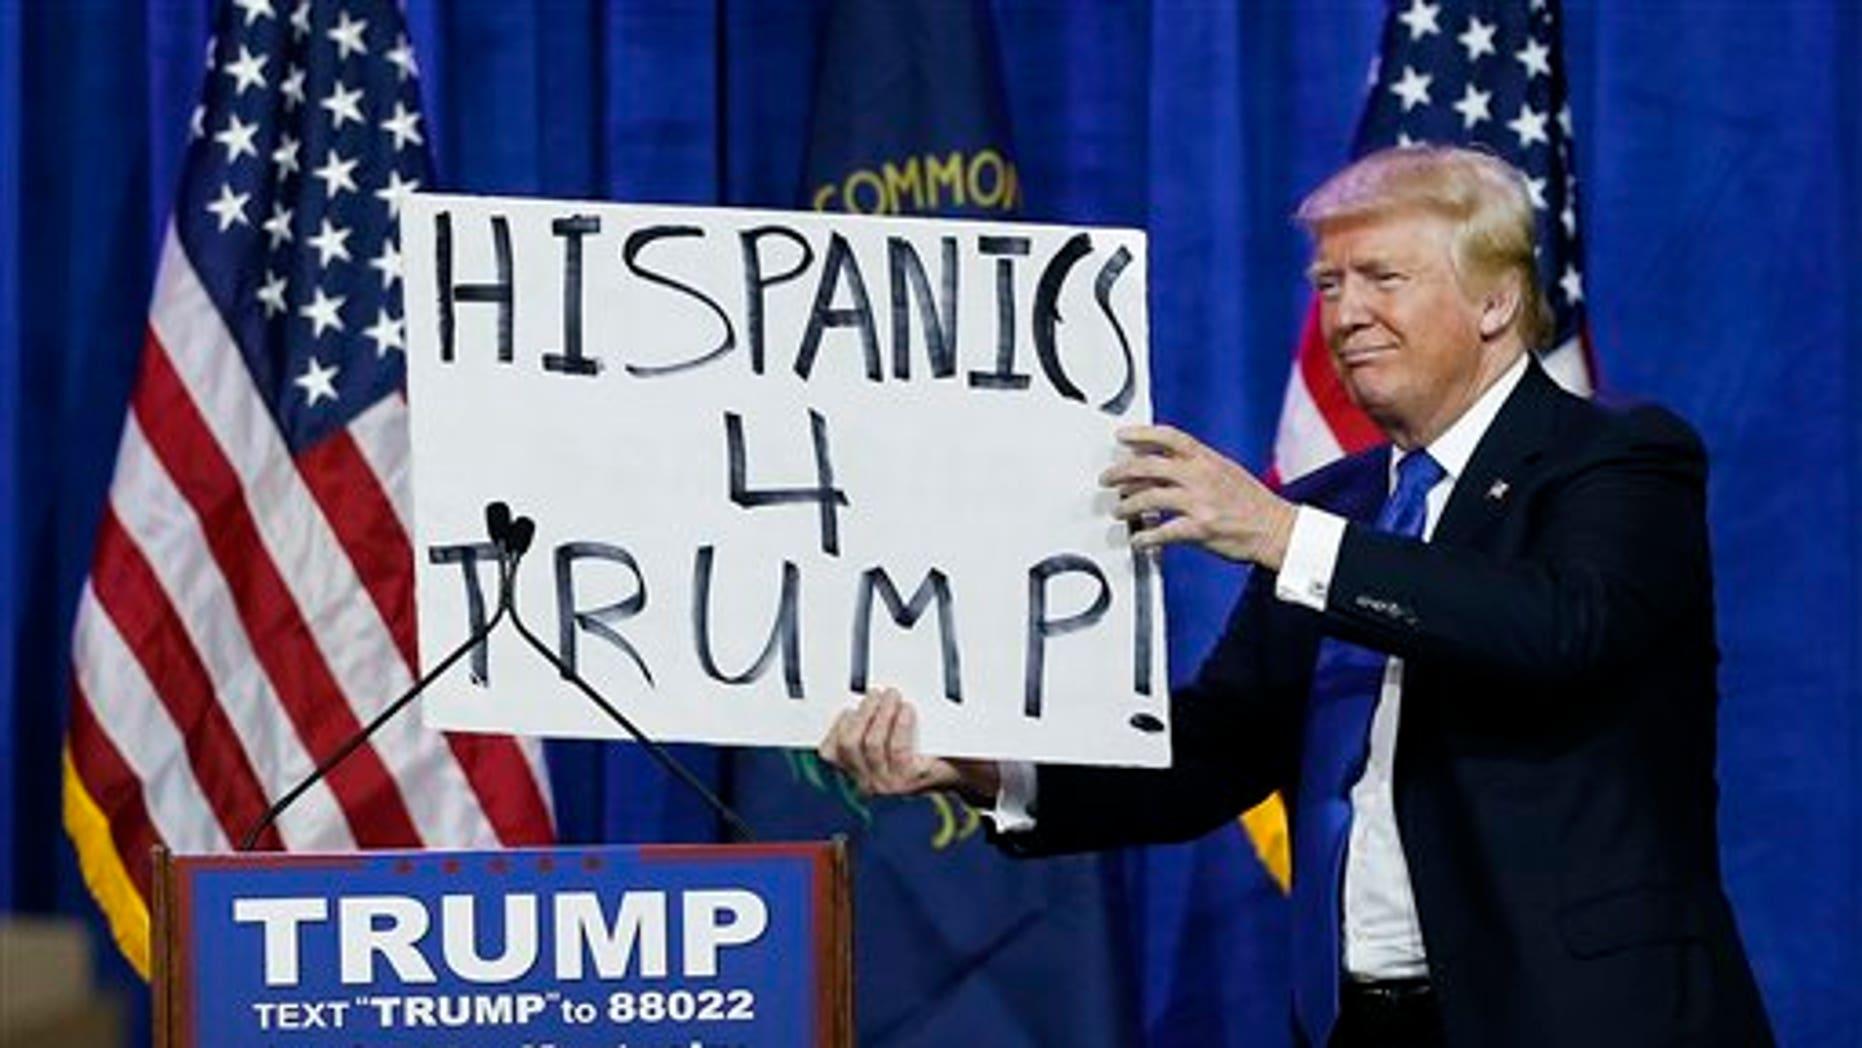 """El precandidato presidencial republicano Donald Trump sostiene un cartel que dice """"Hispanos con Trump"""" y que cargaba un espectador durante un mitin el martes 1 de marzo de 2016 en Louisville, Kentucky. (Foto AP/John Bazemore)"""